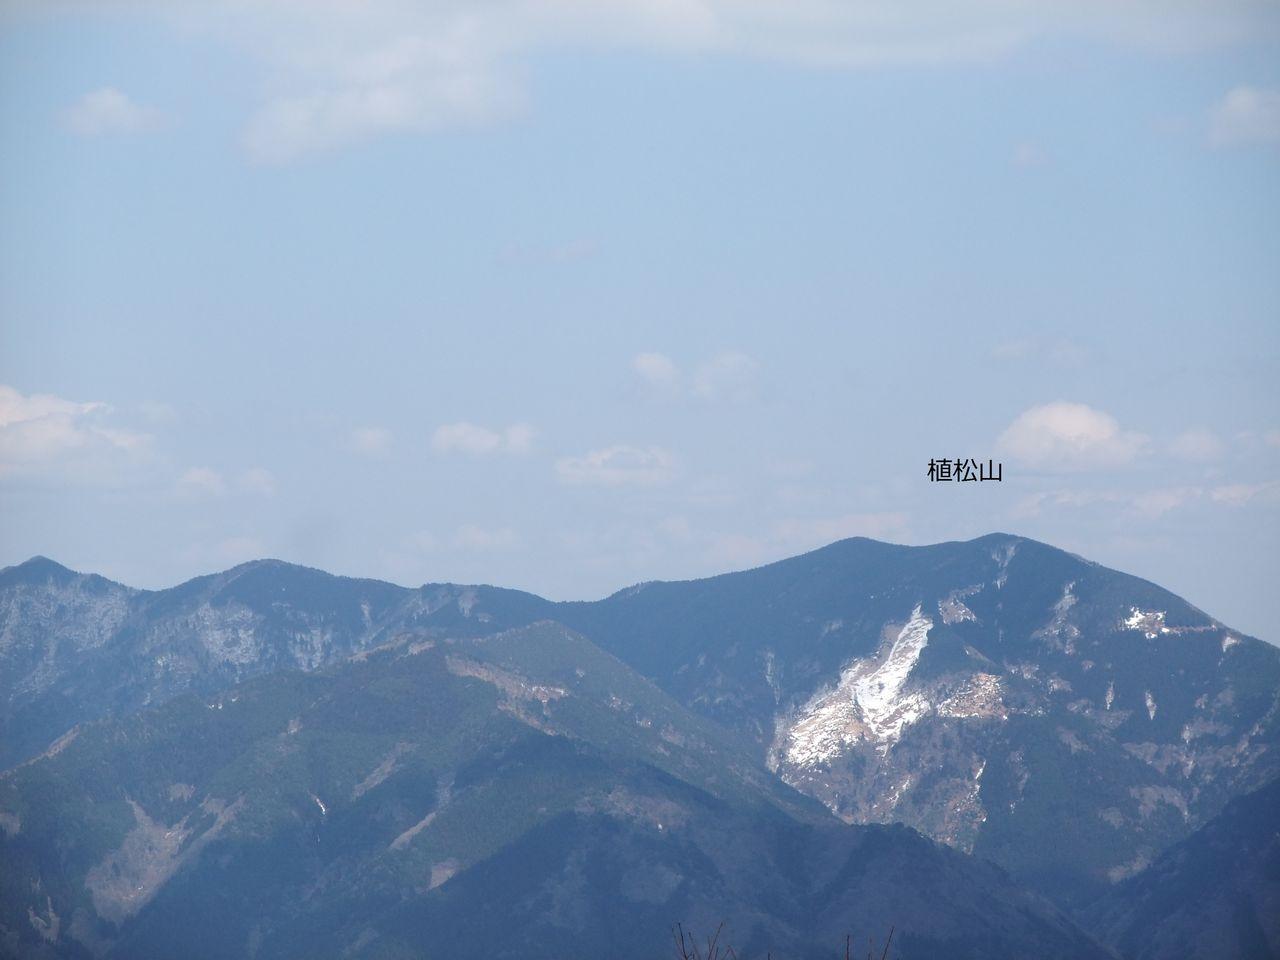 日名倉山 植松山